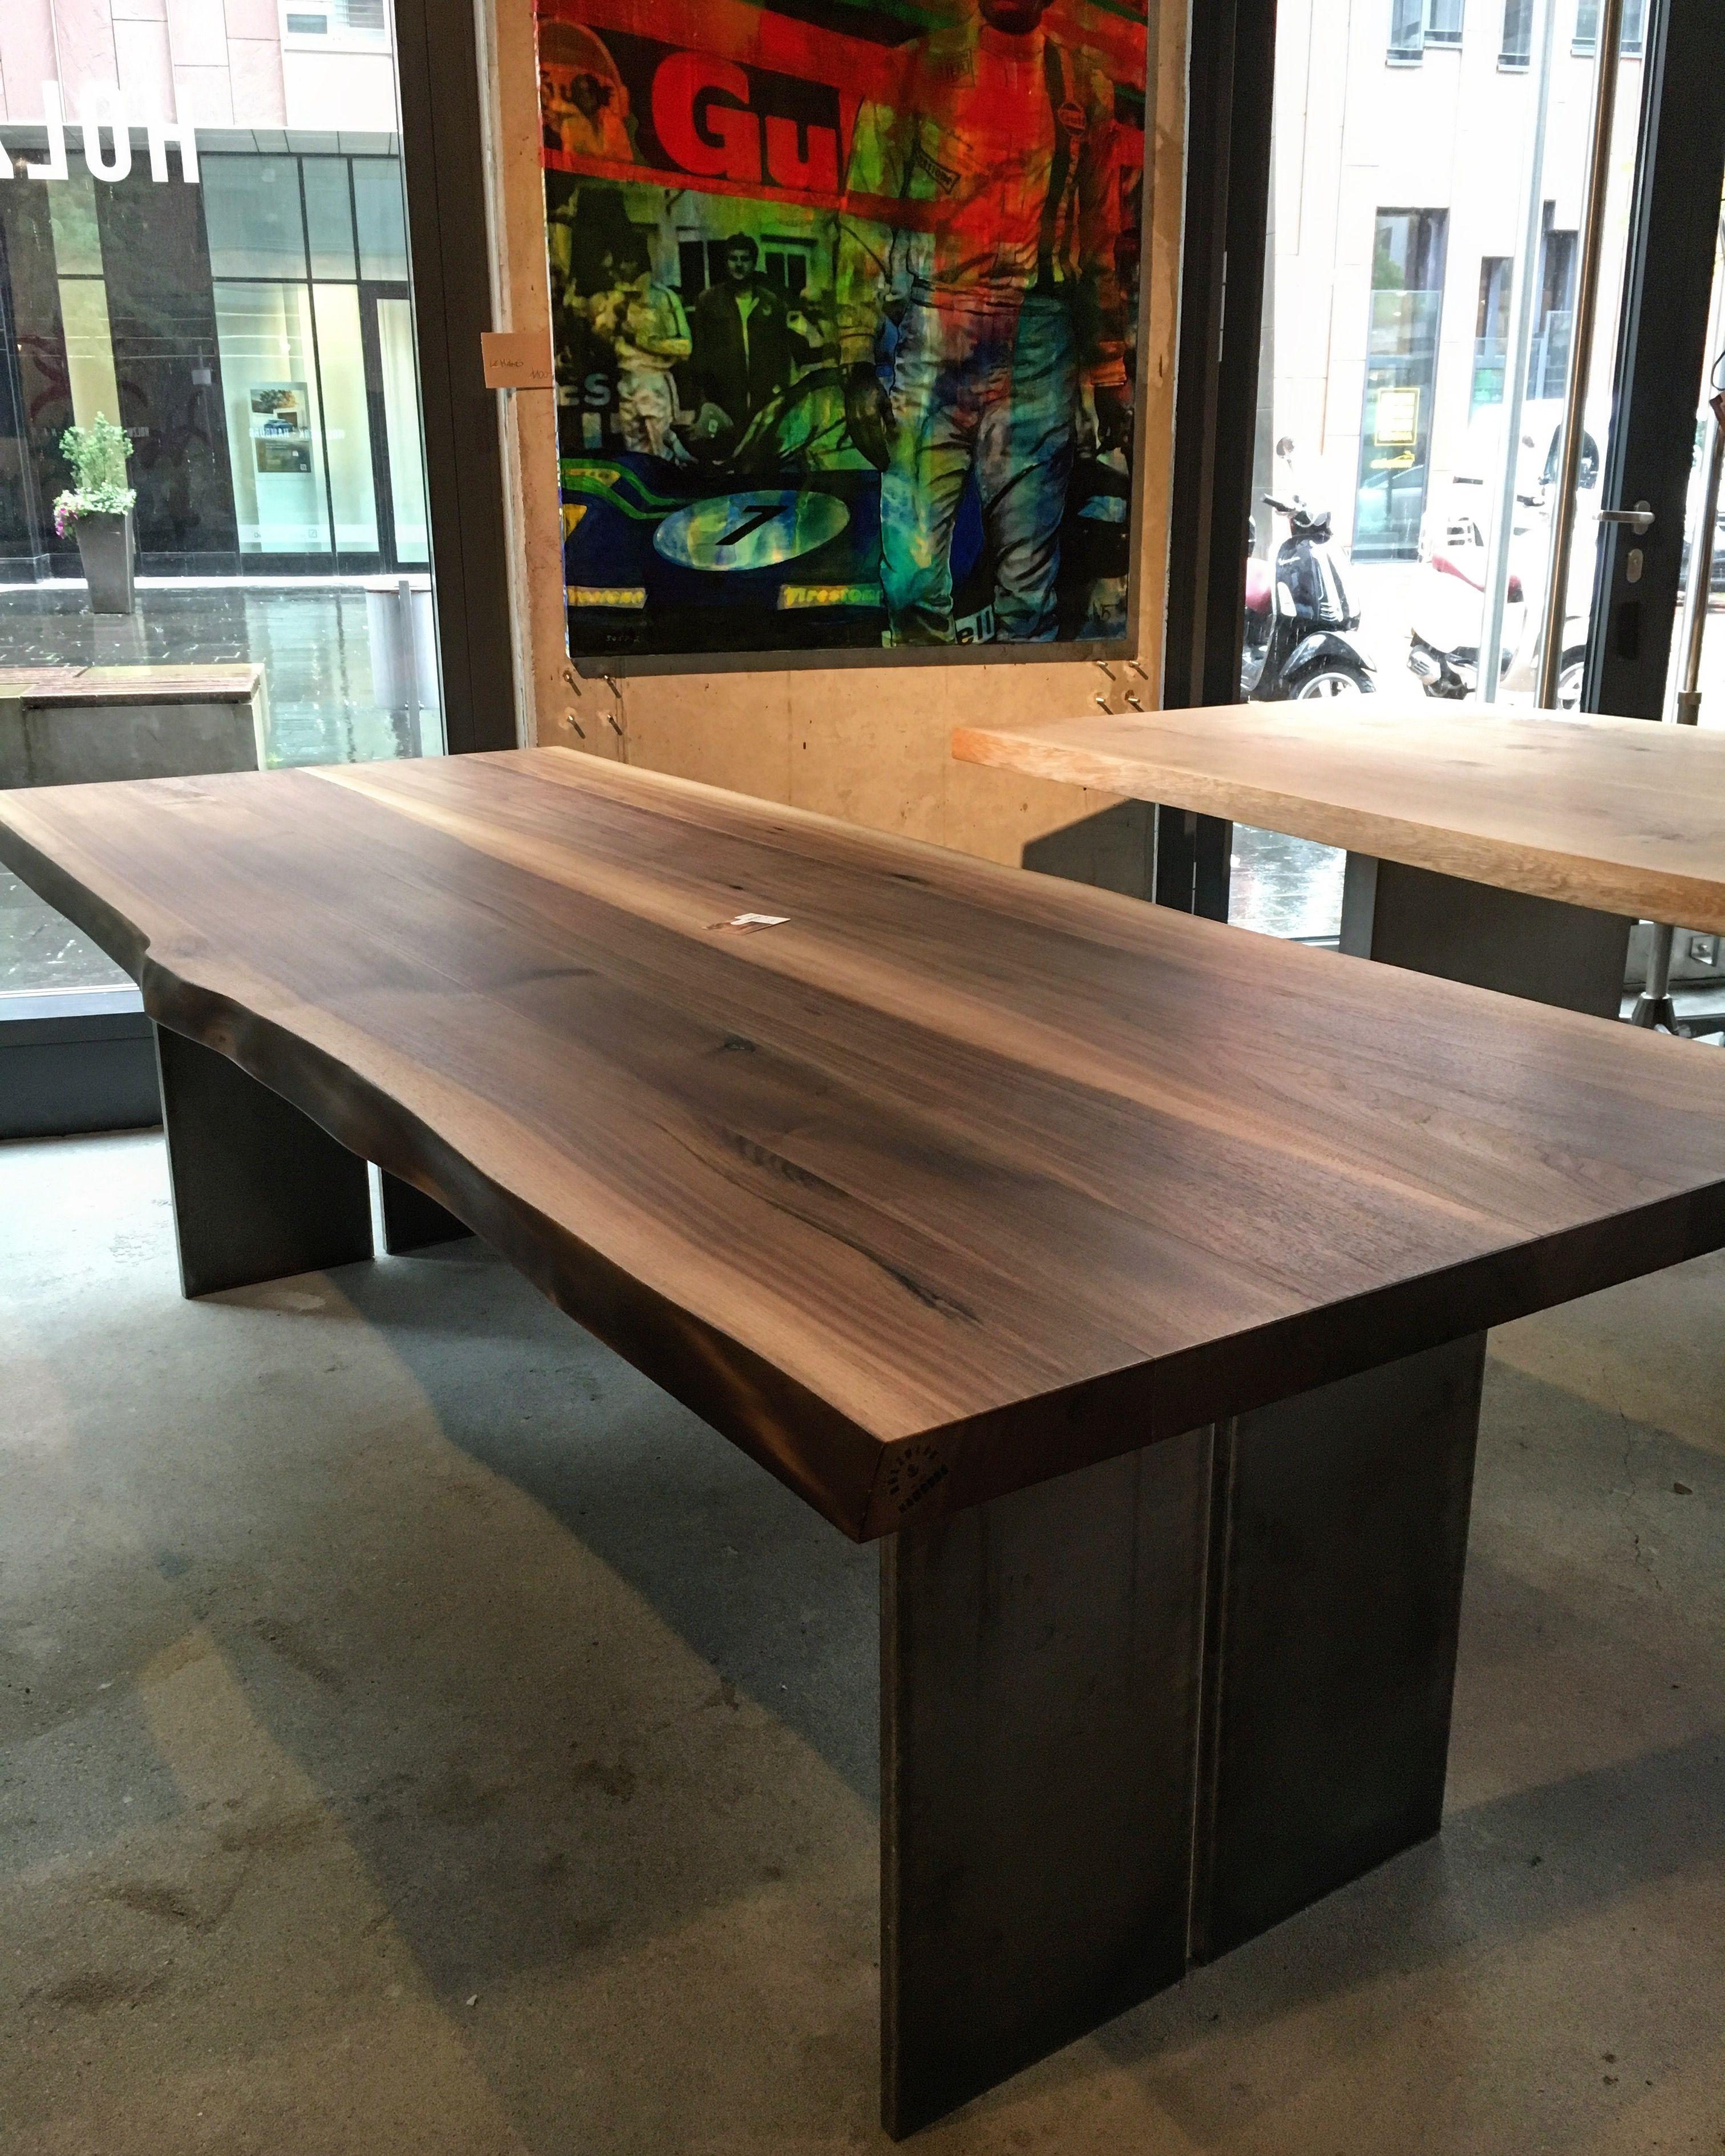 Massivholztisch Esstisch Tisch Baumtisch Holztisch aus Nussbaum-Holz mit natürlicher Baumkante. Das Tischgestell ist ein Wangengestell aus Stahl. www.holzwerk-hamburg.de